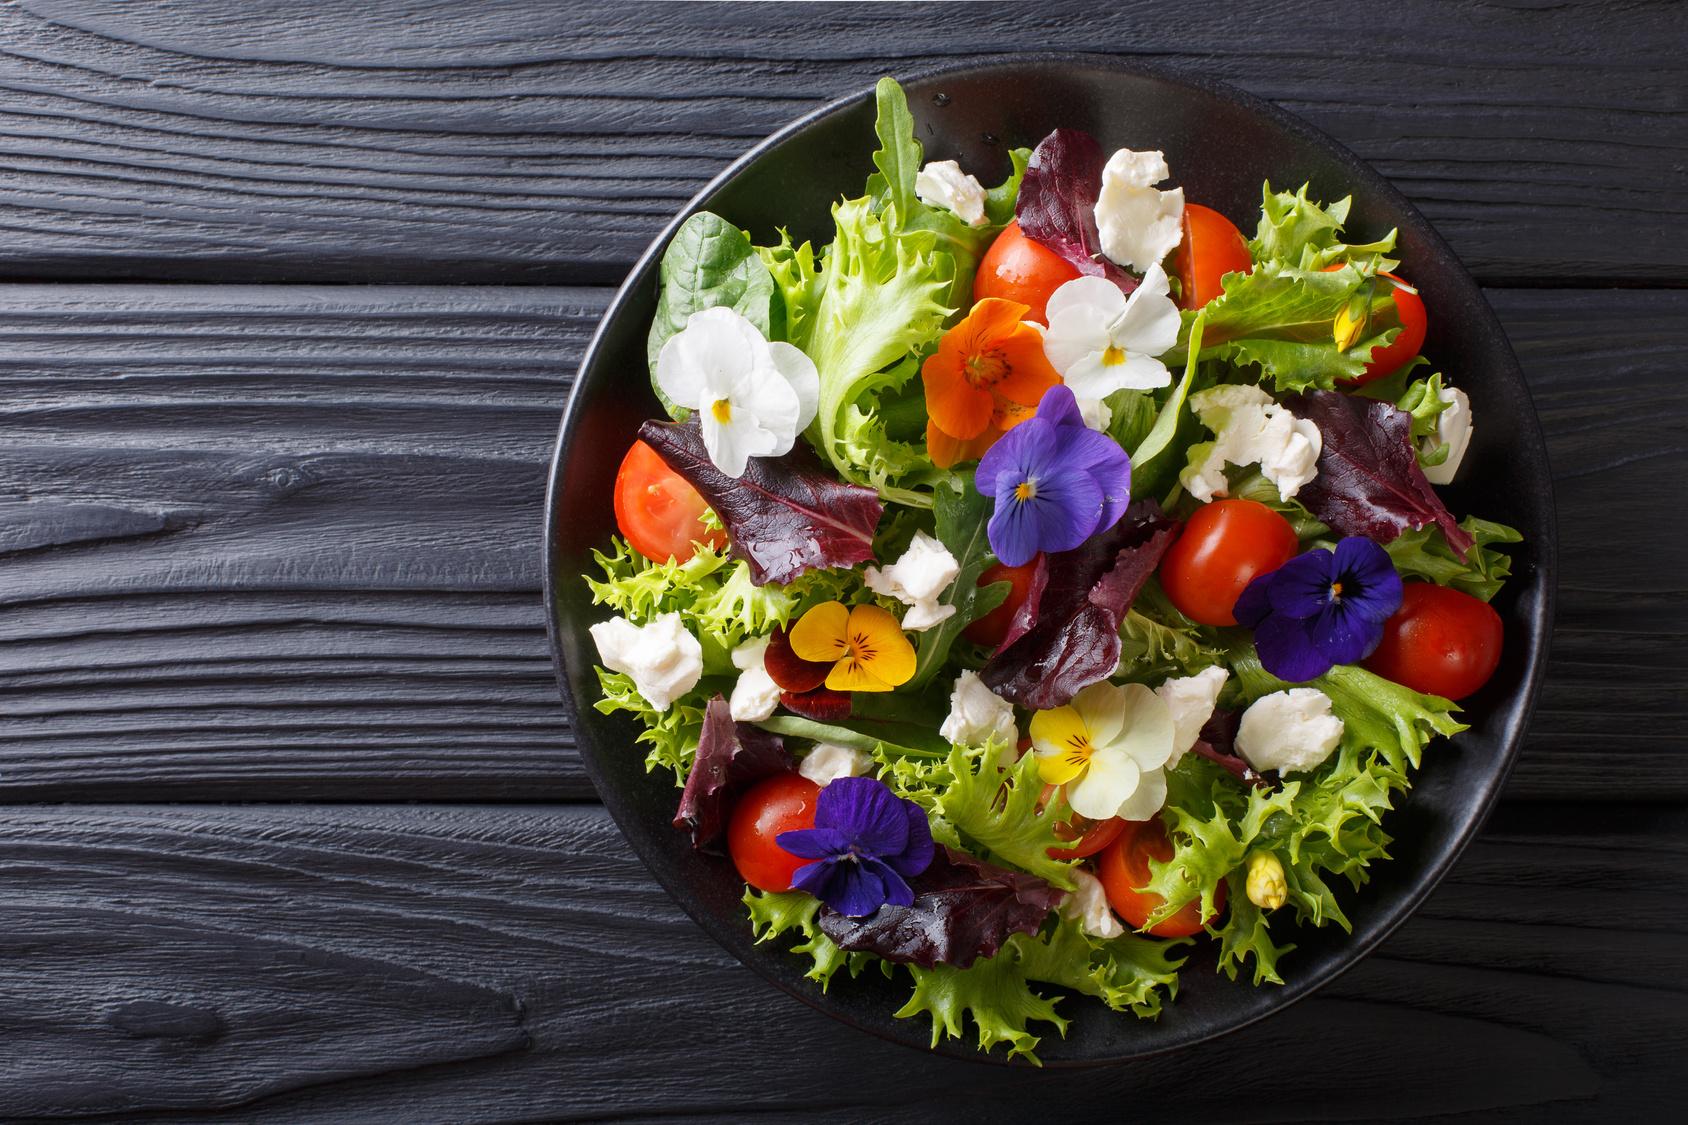 Fiori E Piante Commestibili quali sono i fiori commestibili da raccogliere in primavera?